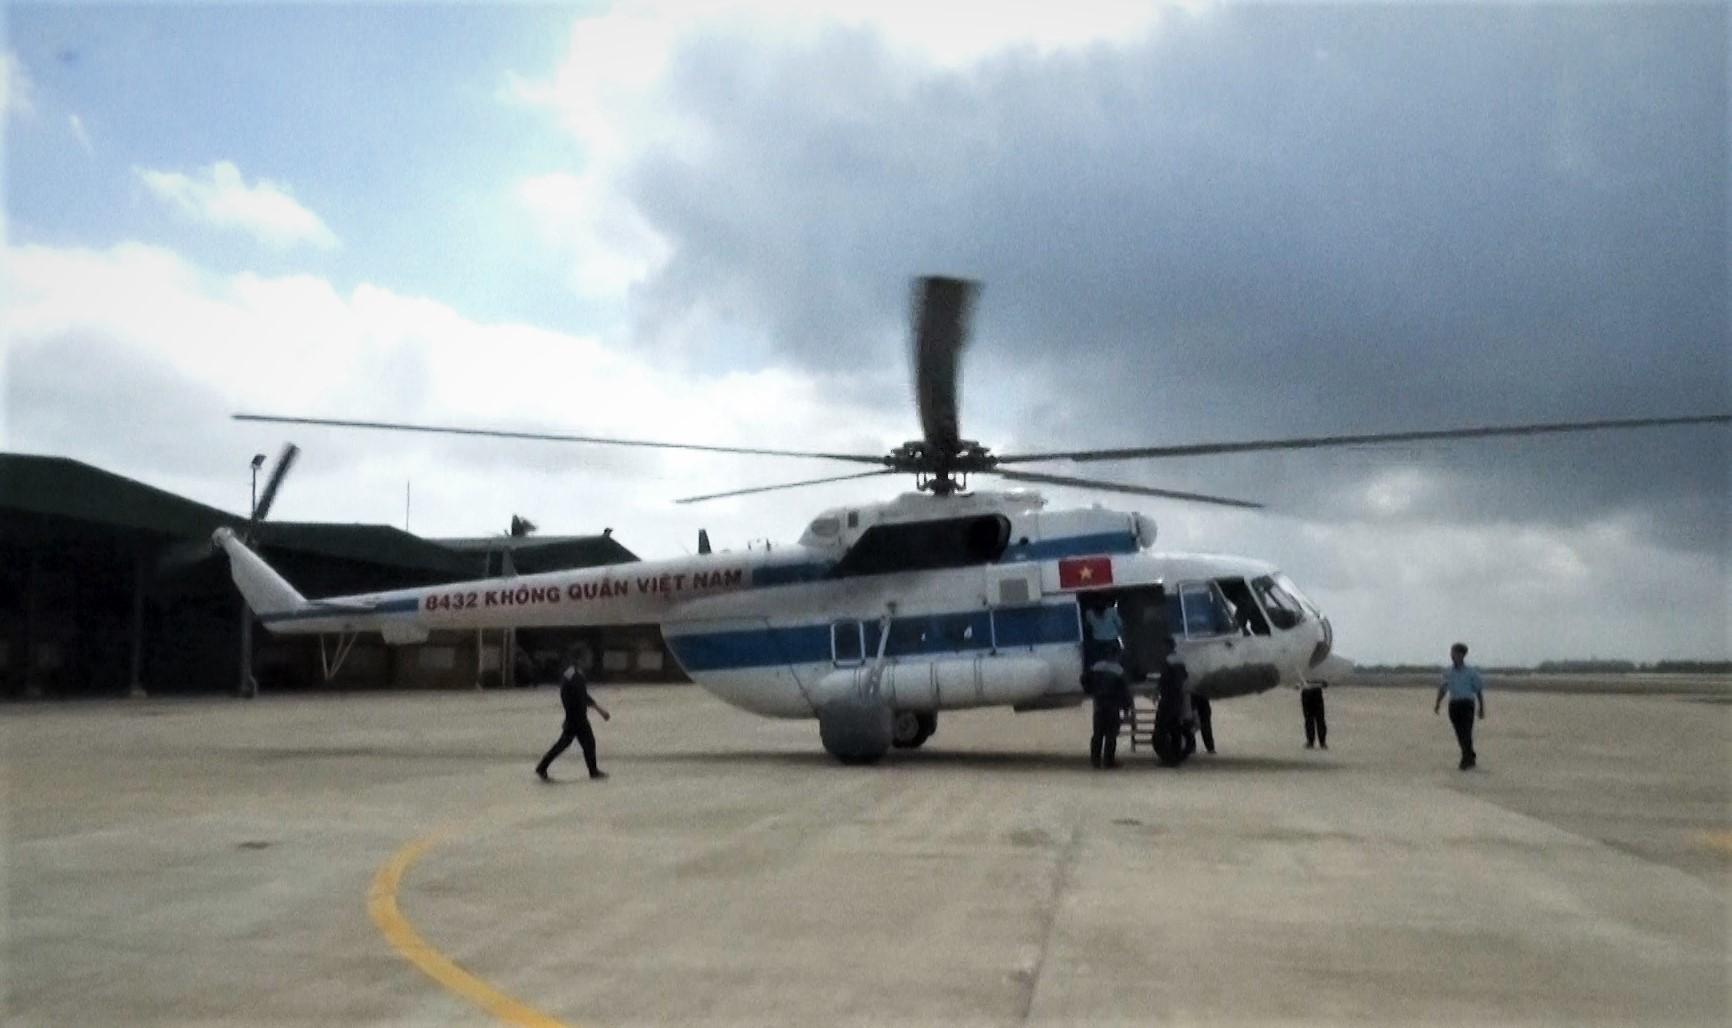 Chuyển 20 tấn hàng cứu trợ dân bị lũ cô lập